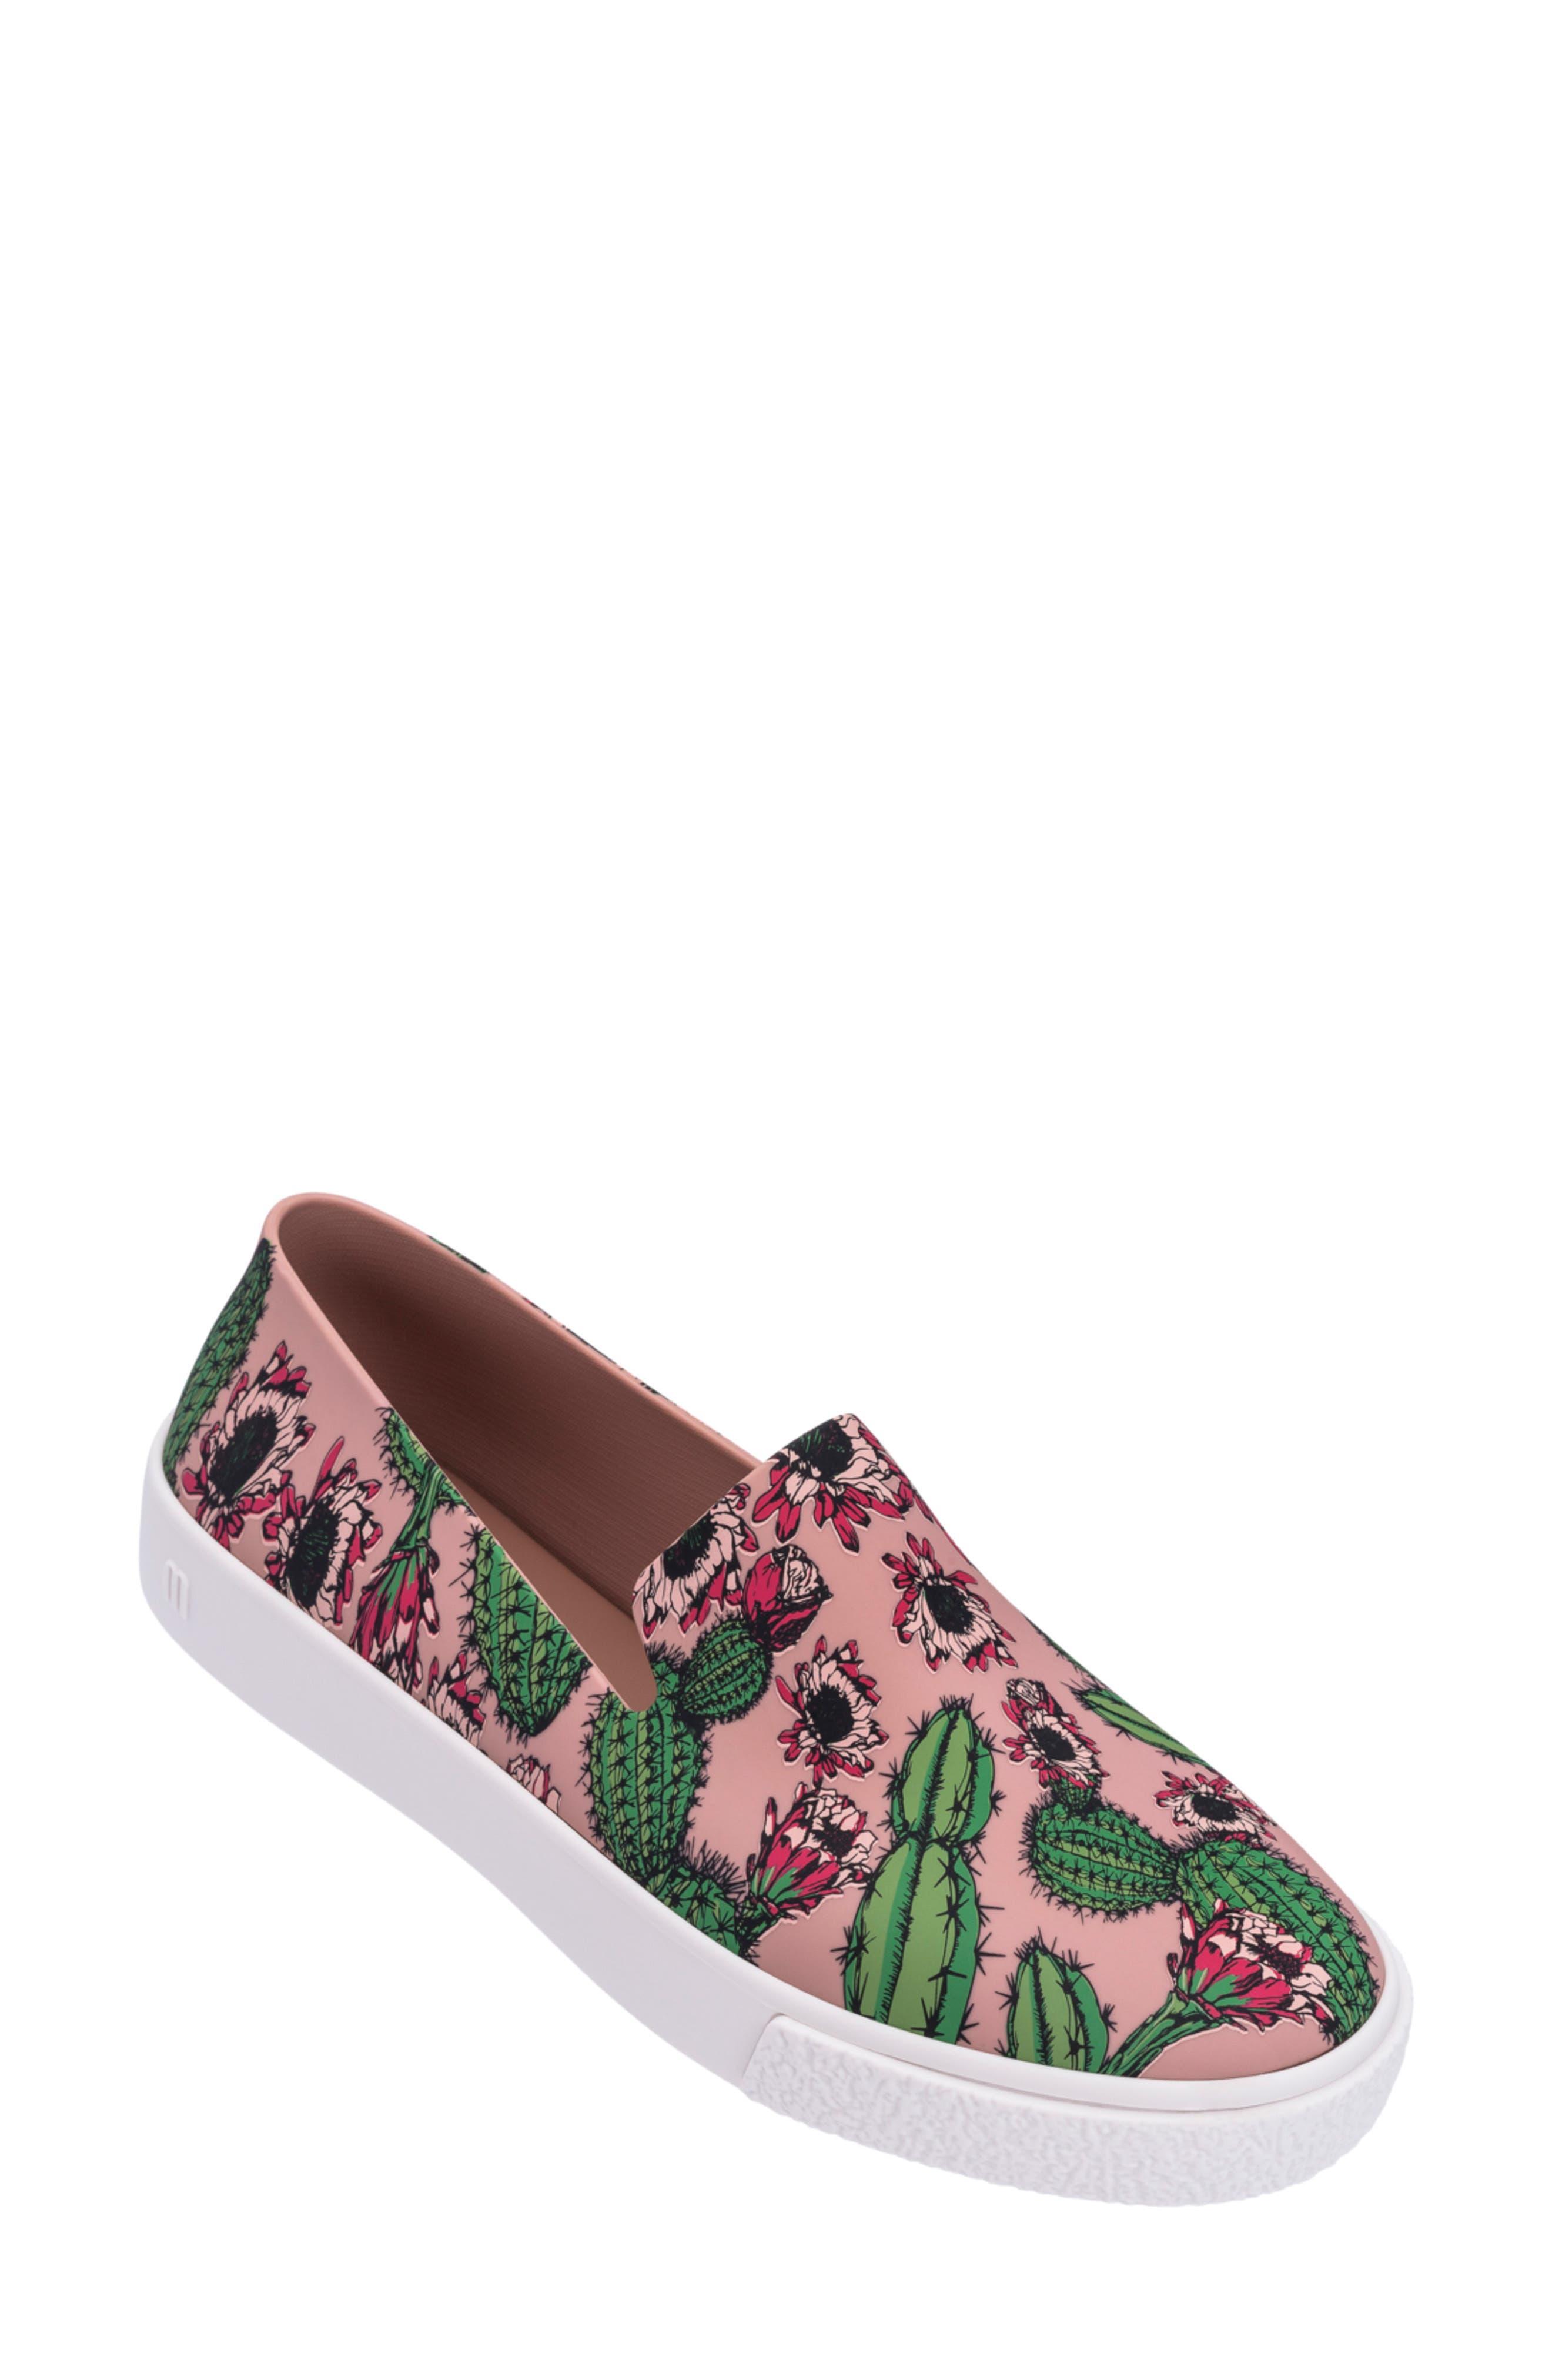 Melissa Ground Iii Slip-On Sneaker, Pink